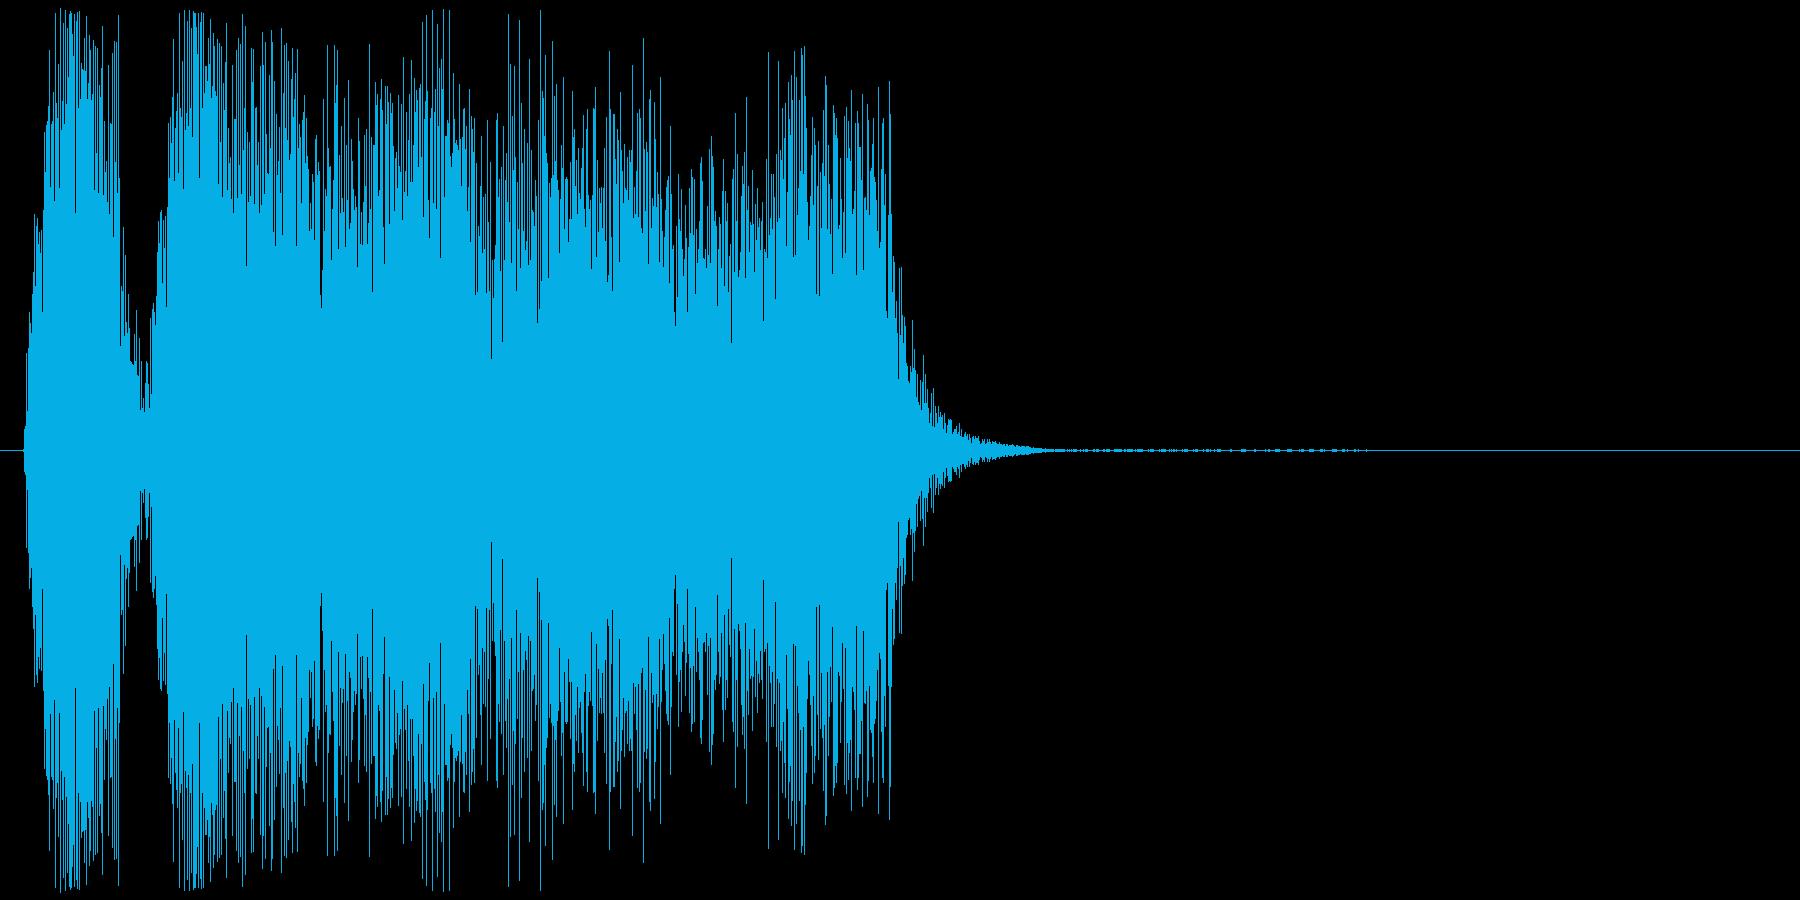 パッパー(クラクション、車)の再生済みの波形